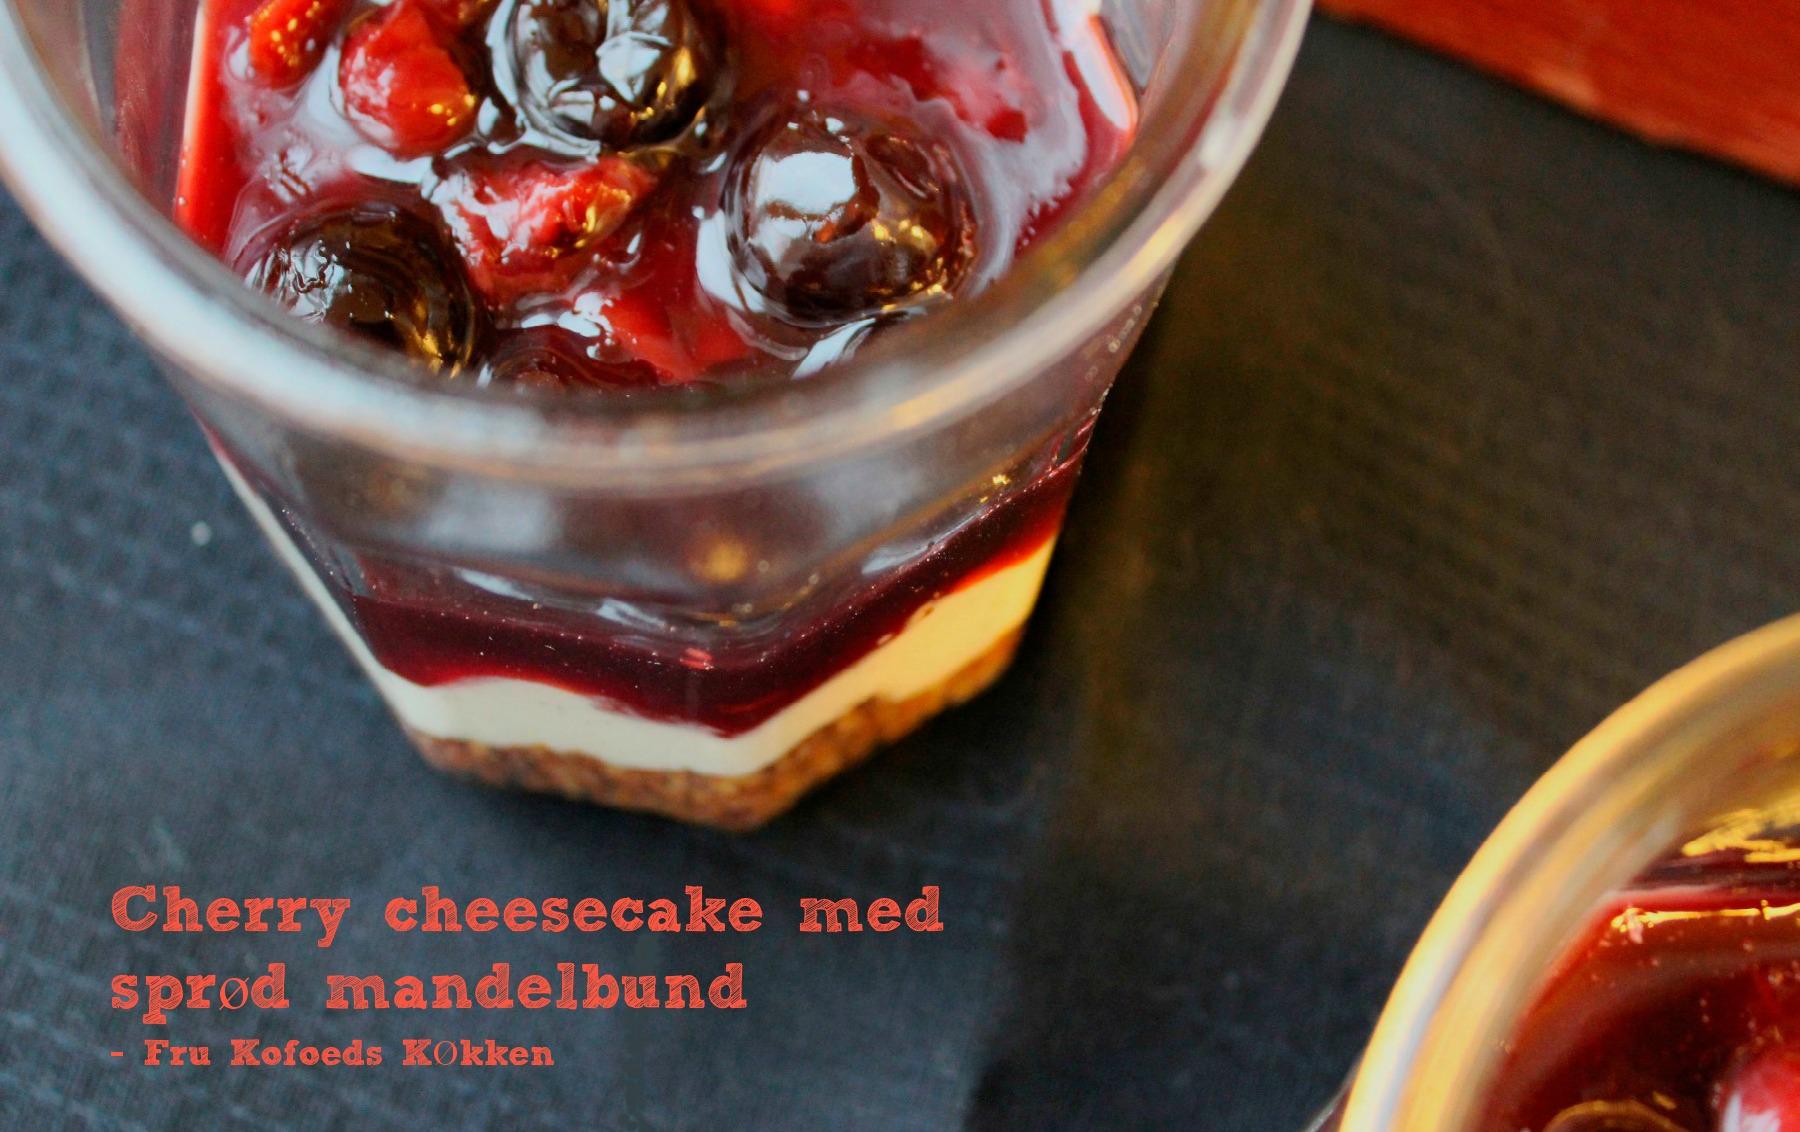 Cherry cheesecake med sprød mandelbund